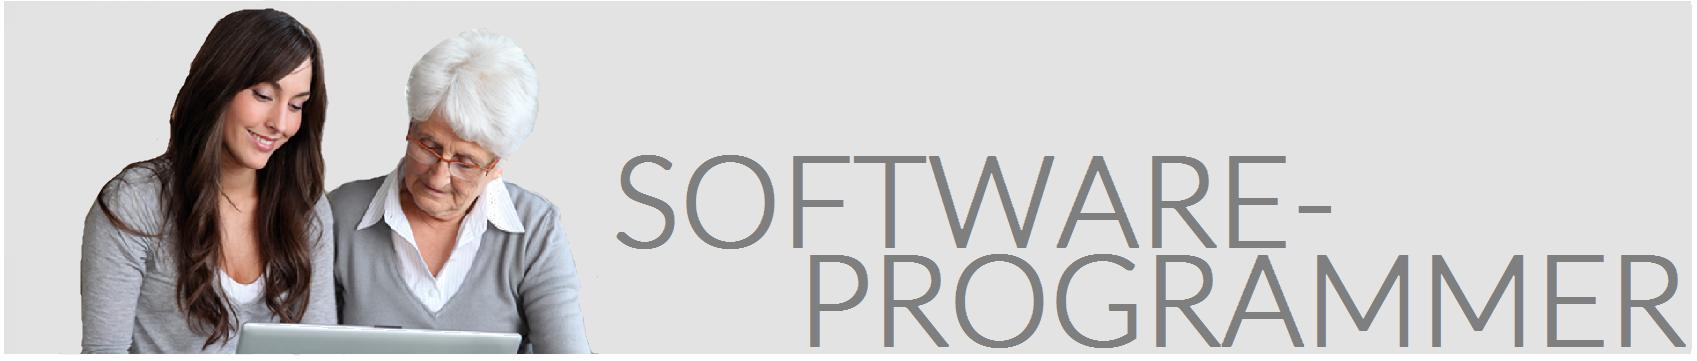 Software-programmer